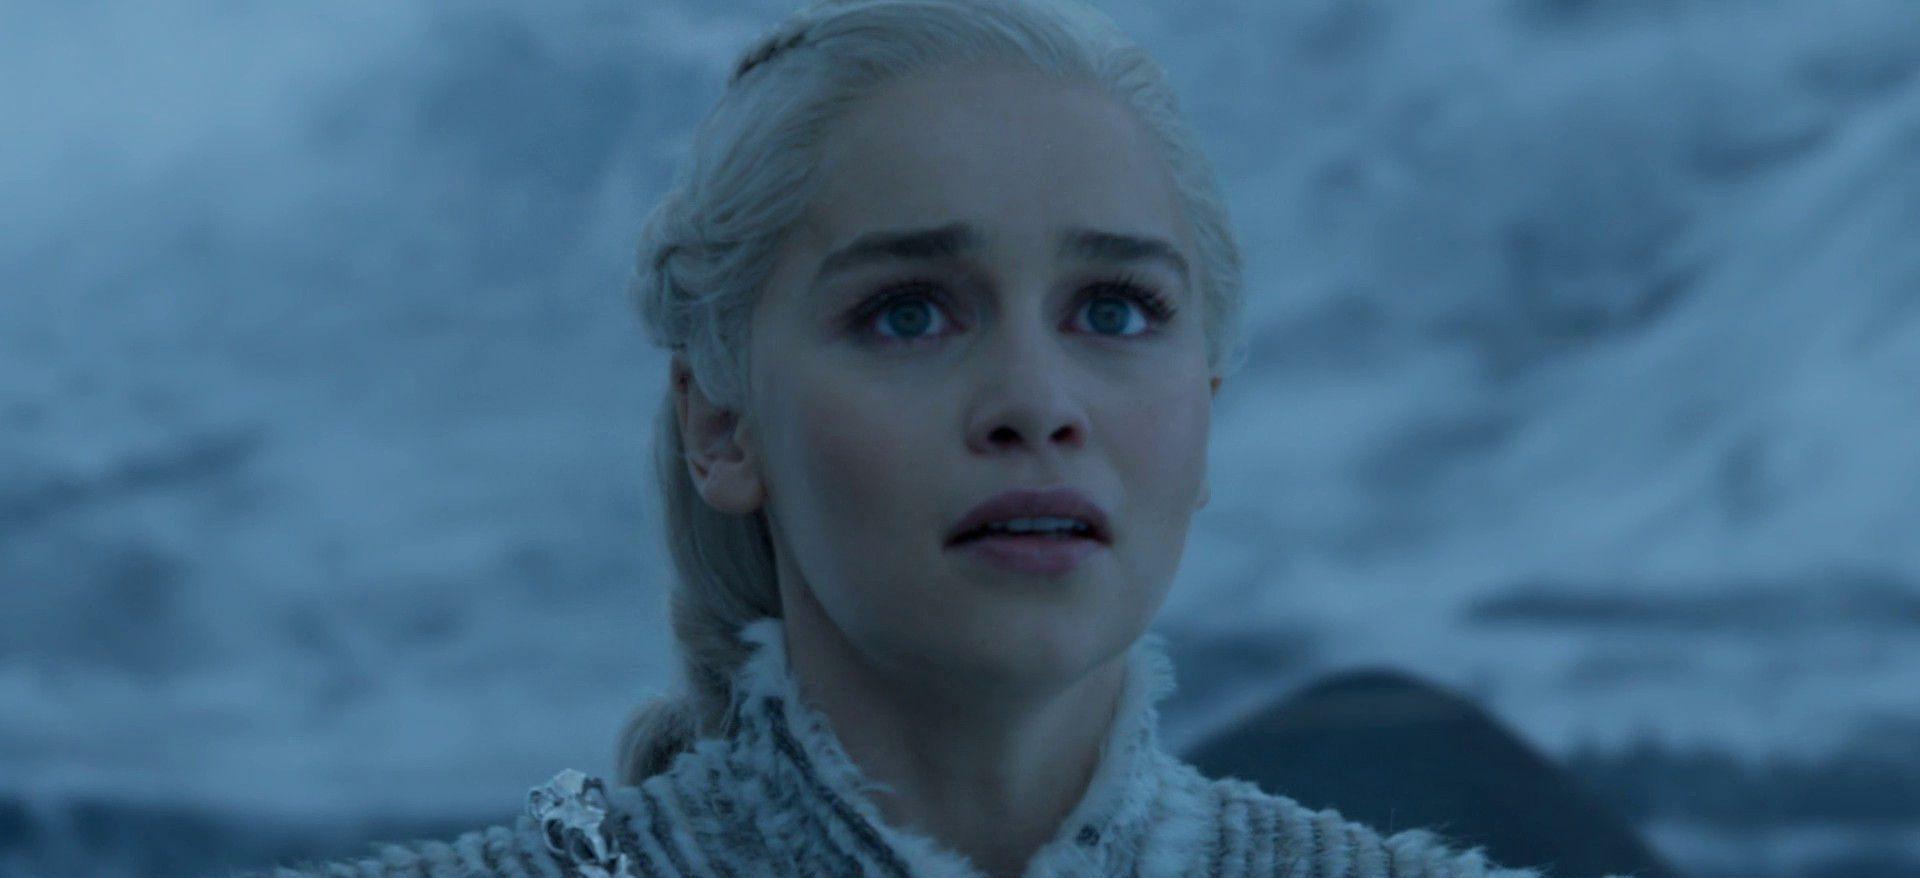 Press: Emilia Clarke on Daenerys' 'heartbreaking' loss